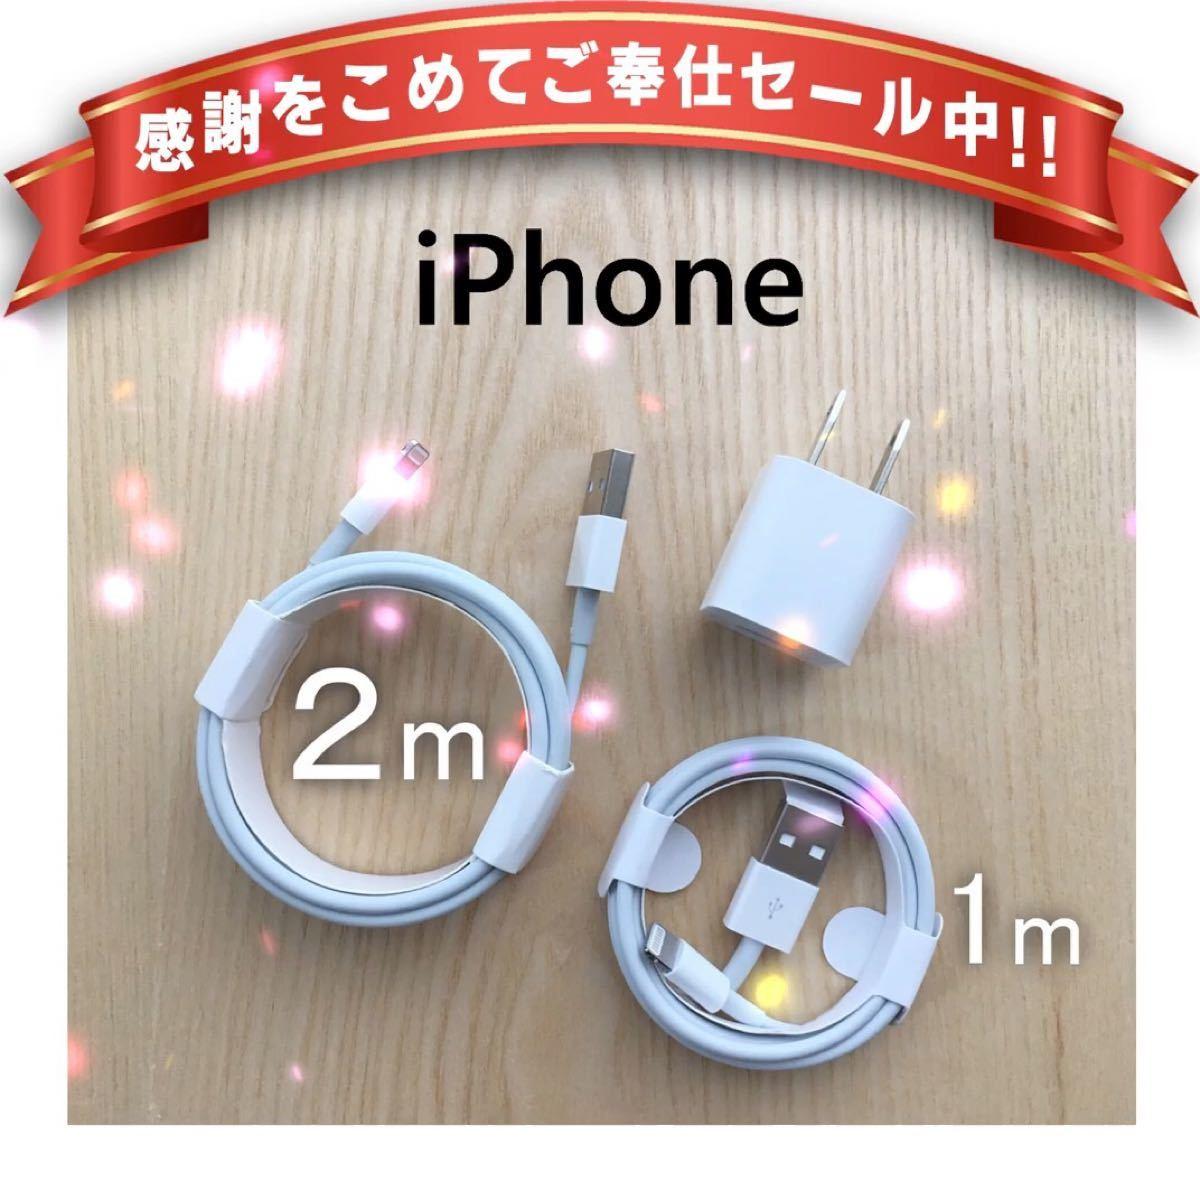 iPhone lightningcable ライトニングケーブル 充電器 コード セット 格安 セール 2m